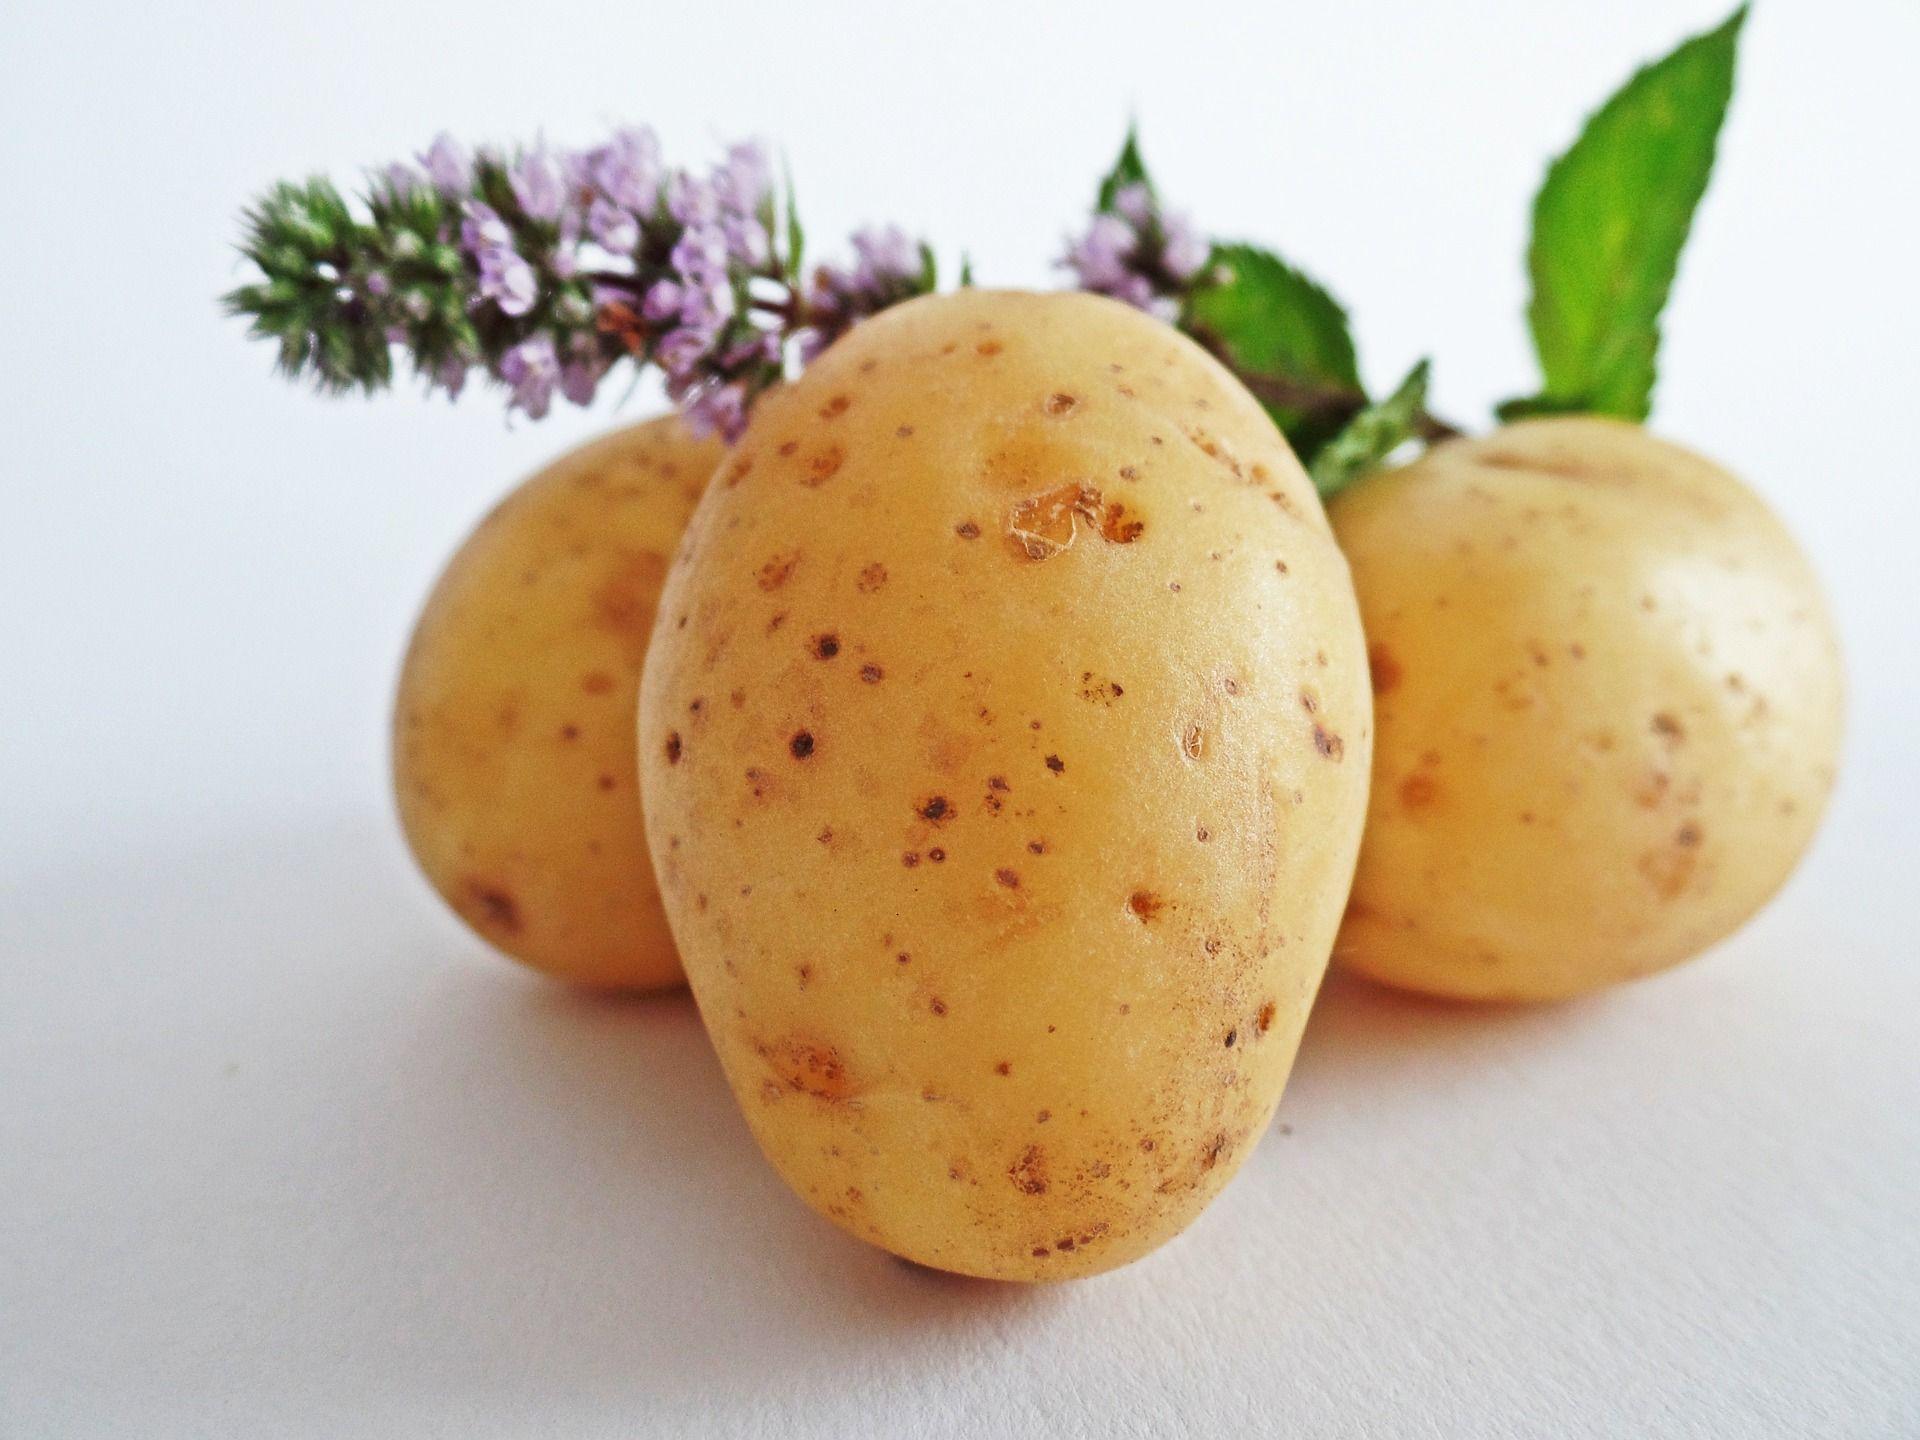 Low FODMAP Potato Salad Французская кухня, Картофель